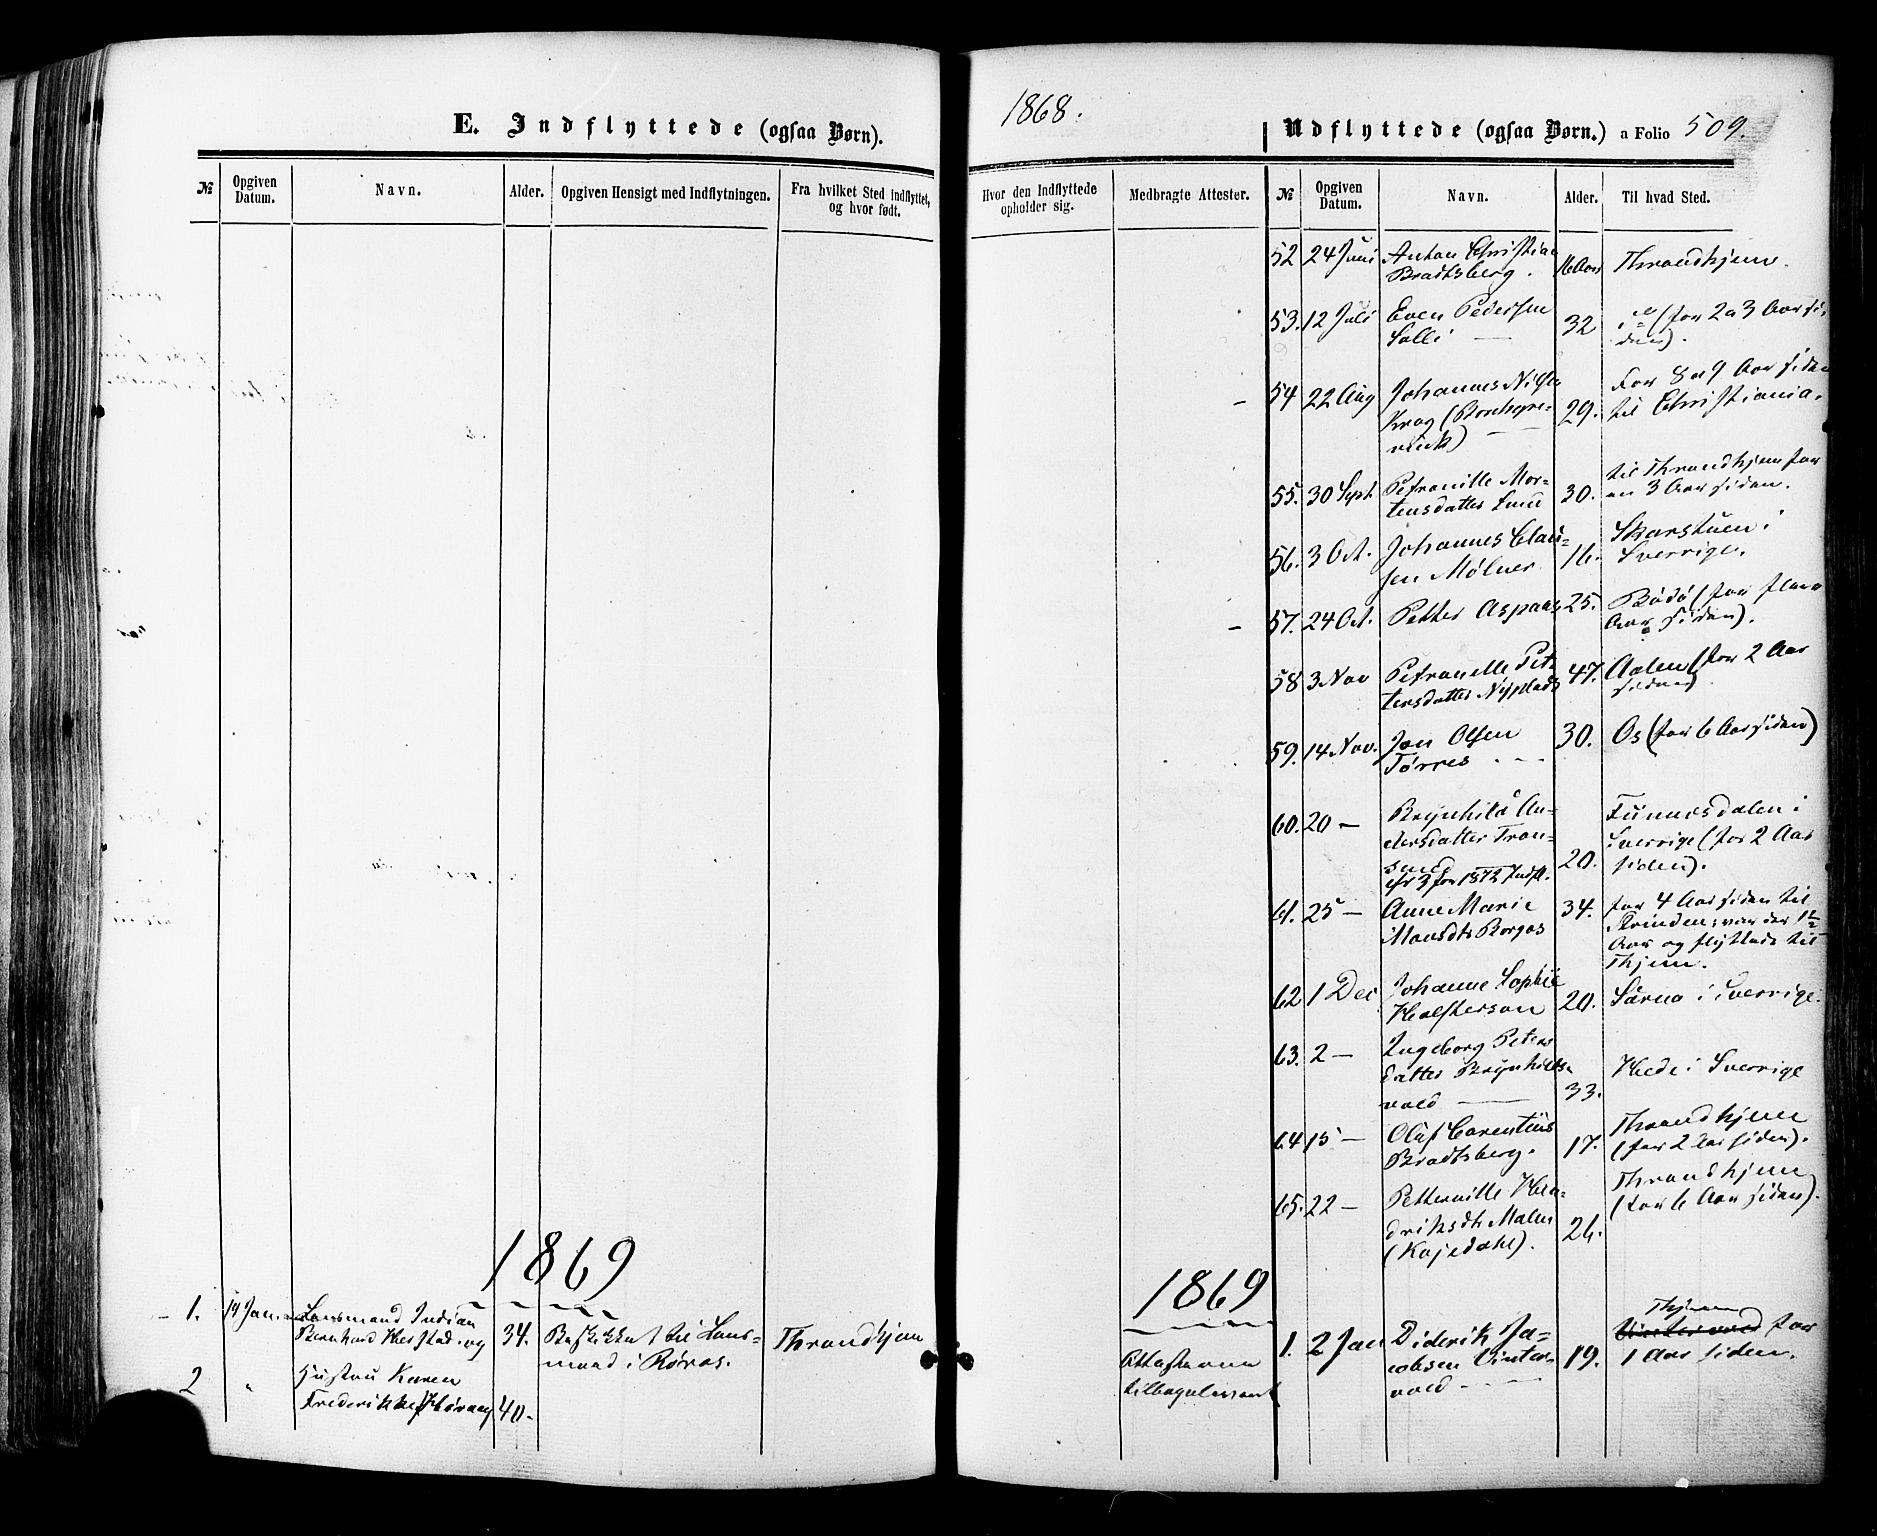 SAT, Ministerialprotokoller, klokkerbøker og fødselsregistre - Sør-Trøndelag, 681/L0932: Ministerialbok nr. 681A10, 1860-1878, s. 509